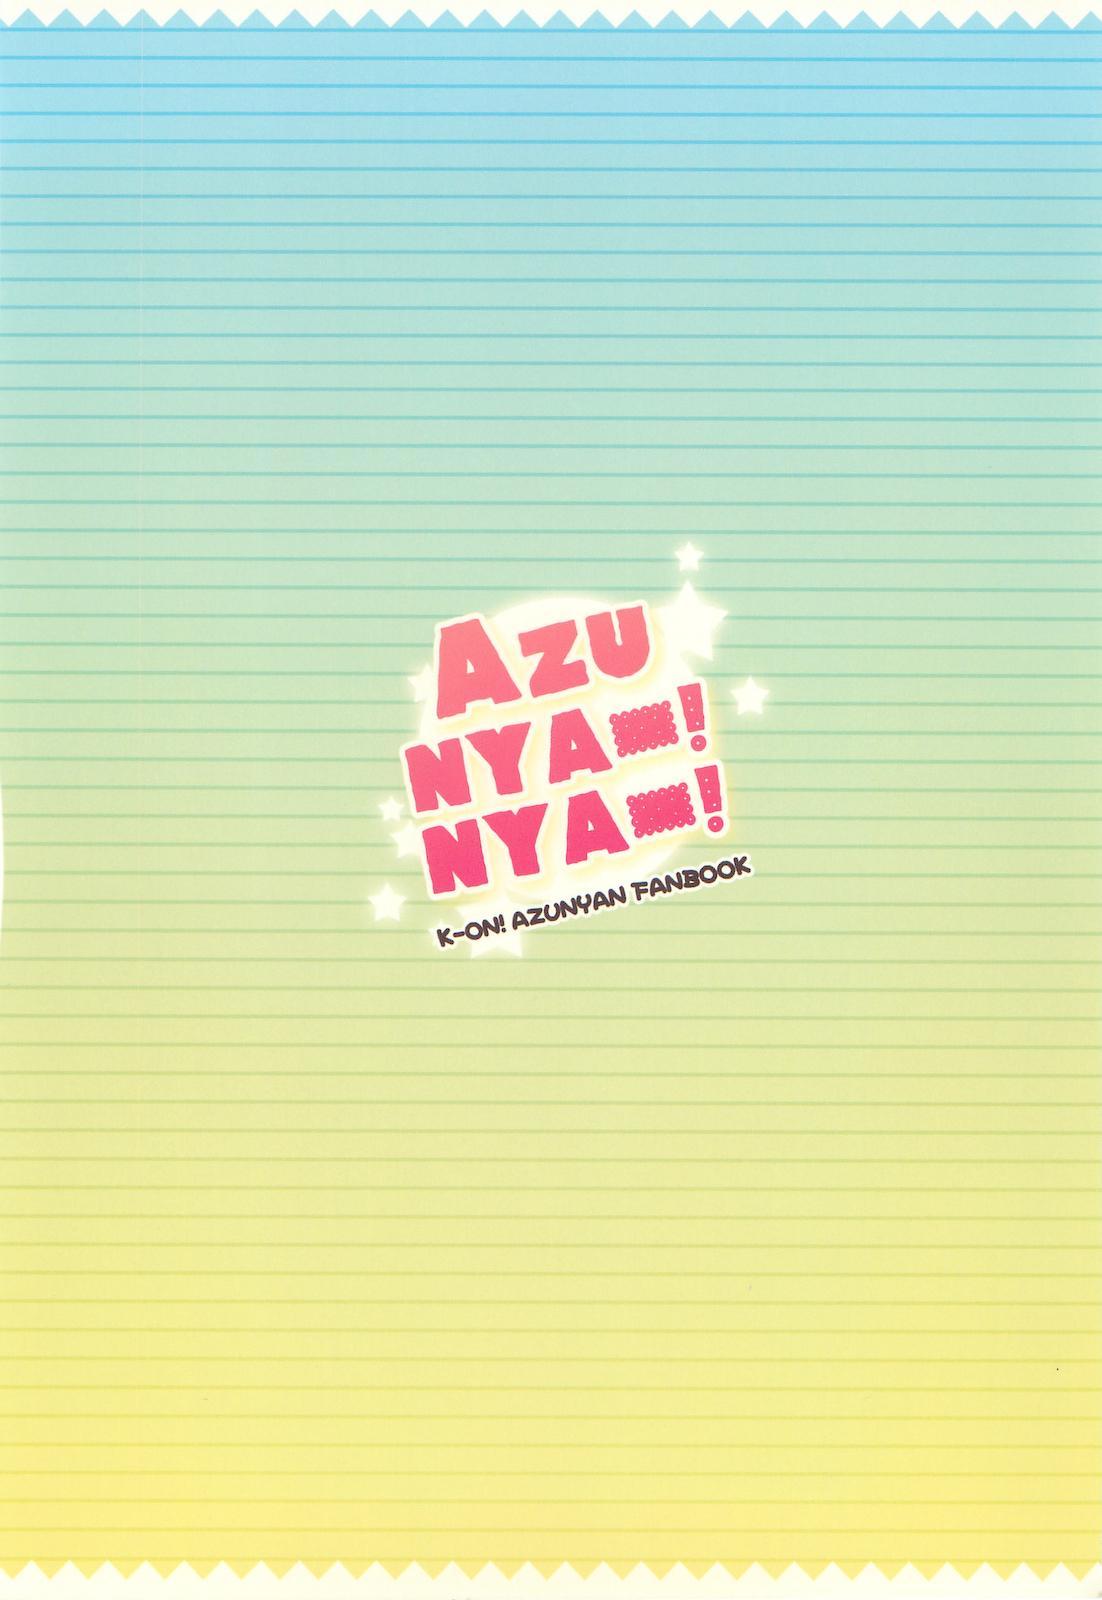 (C76) [LOOPTHELOOP! (Herurun)] AZU NYA-! NYA-! (K-ON!) 18